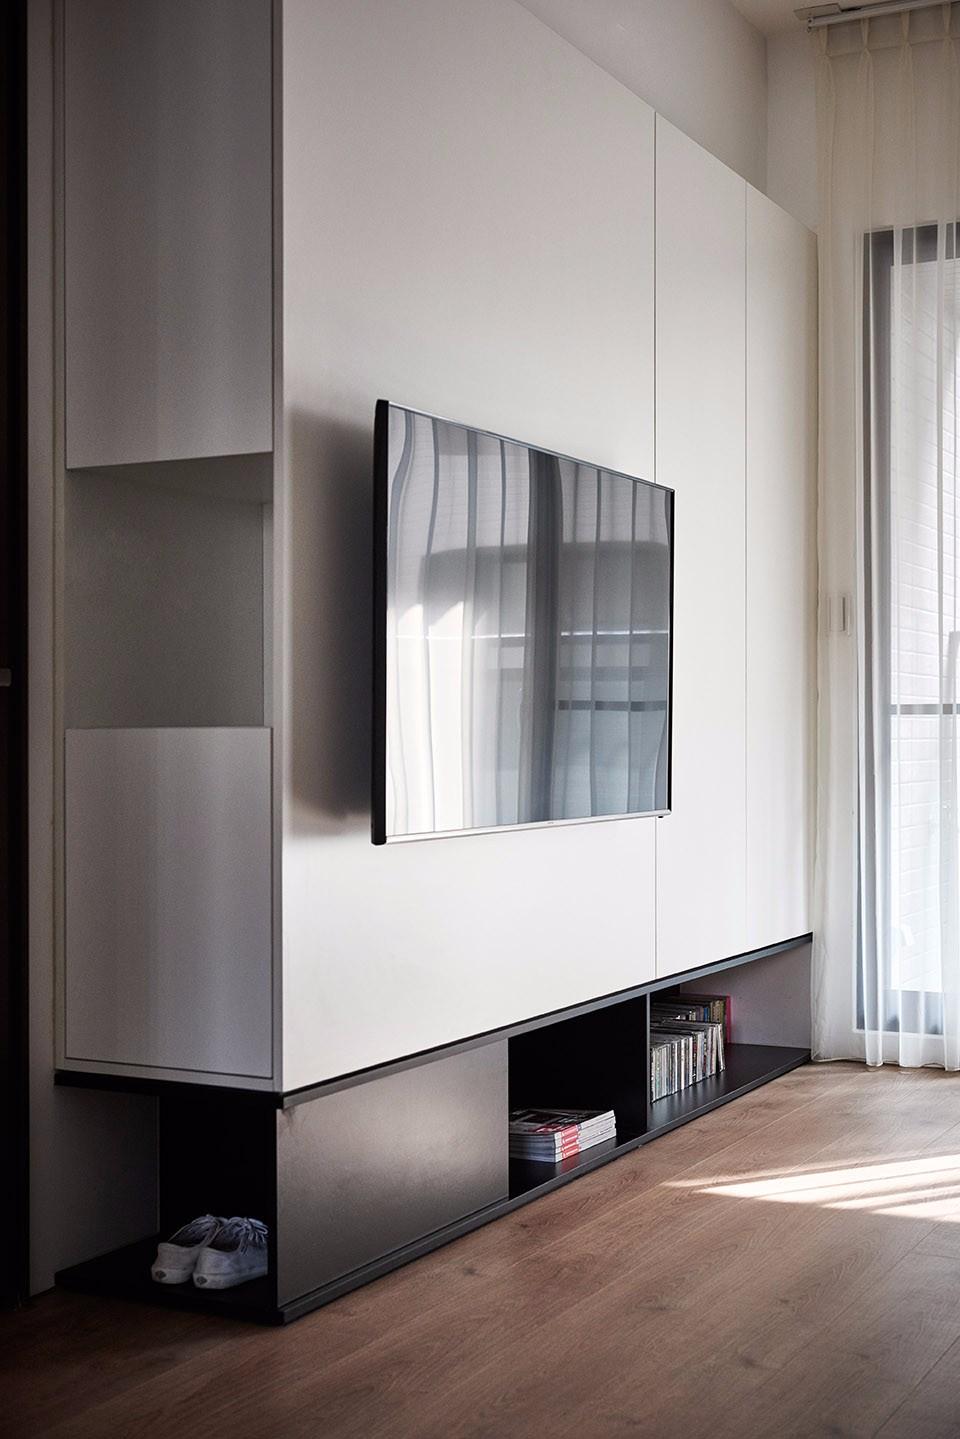 简约风格电视背景墙装修效果图